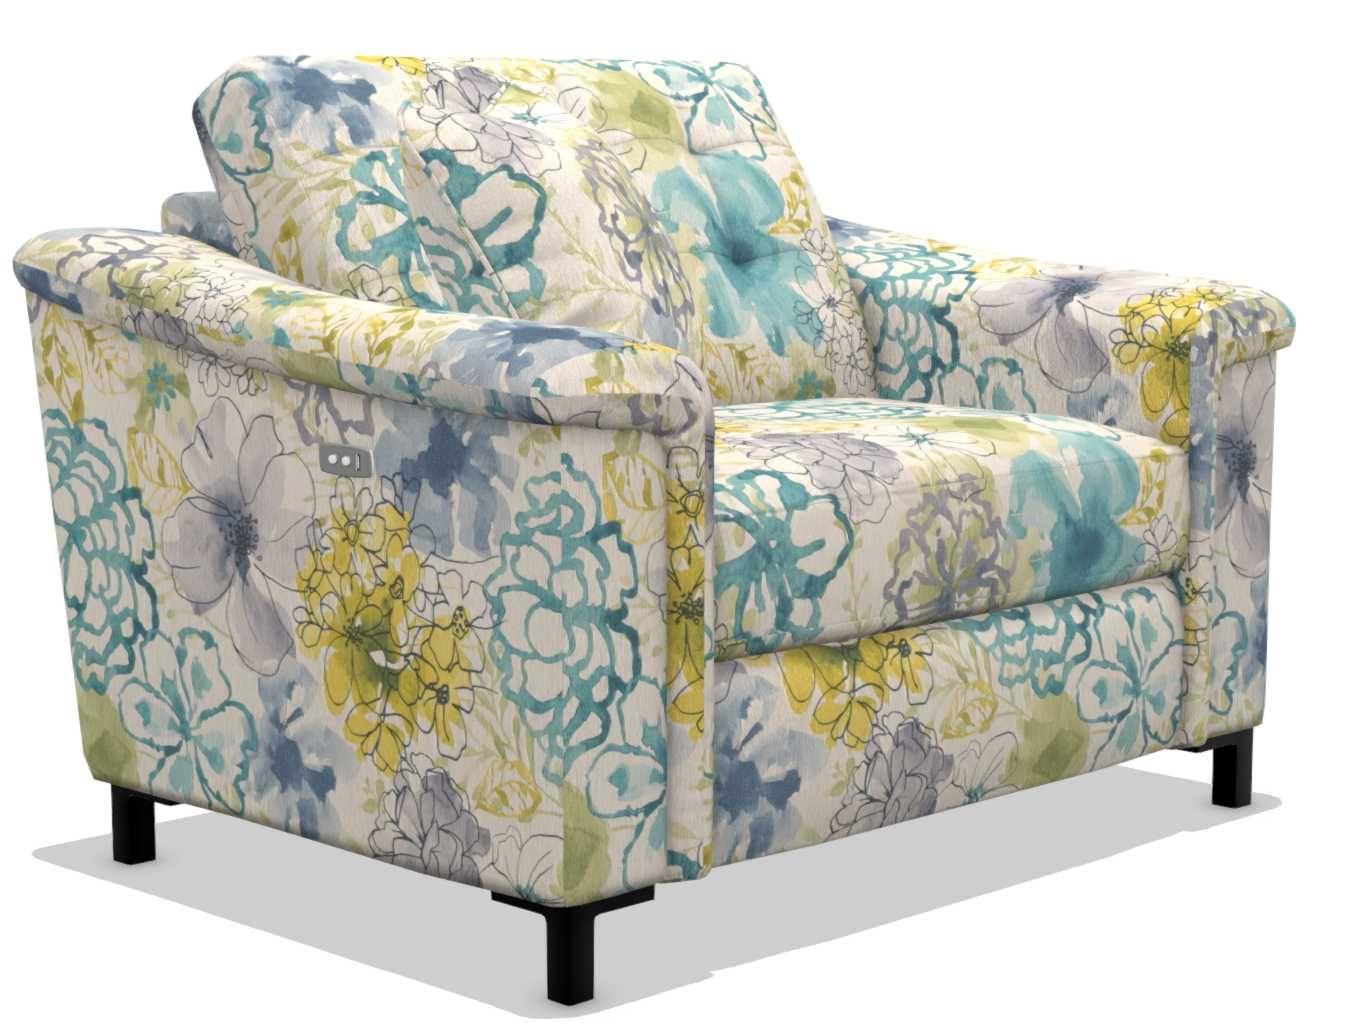 Luke Duo Reclining Chair A Half La Z Boy Recliner Chair